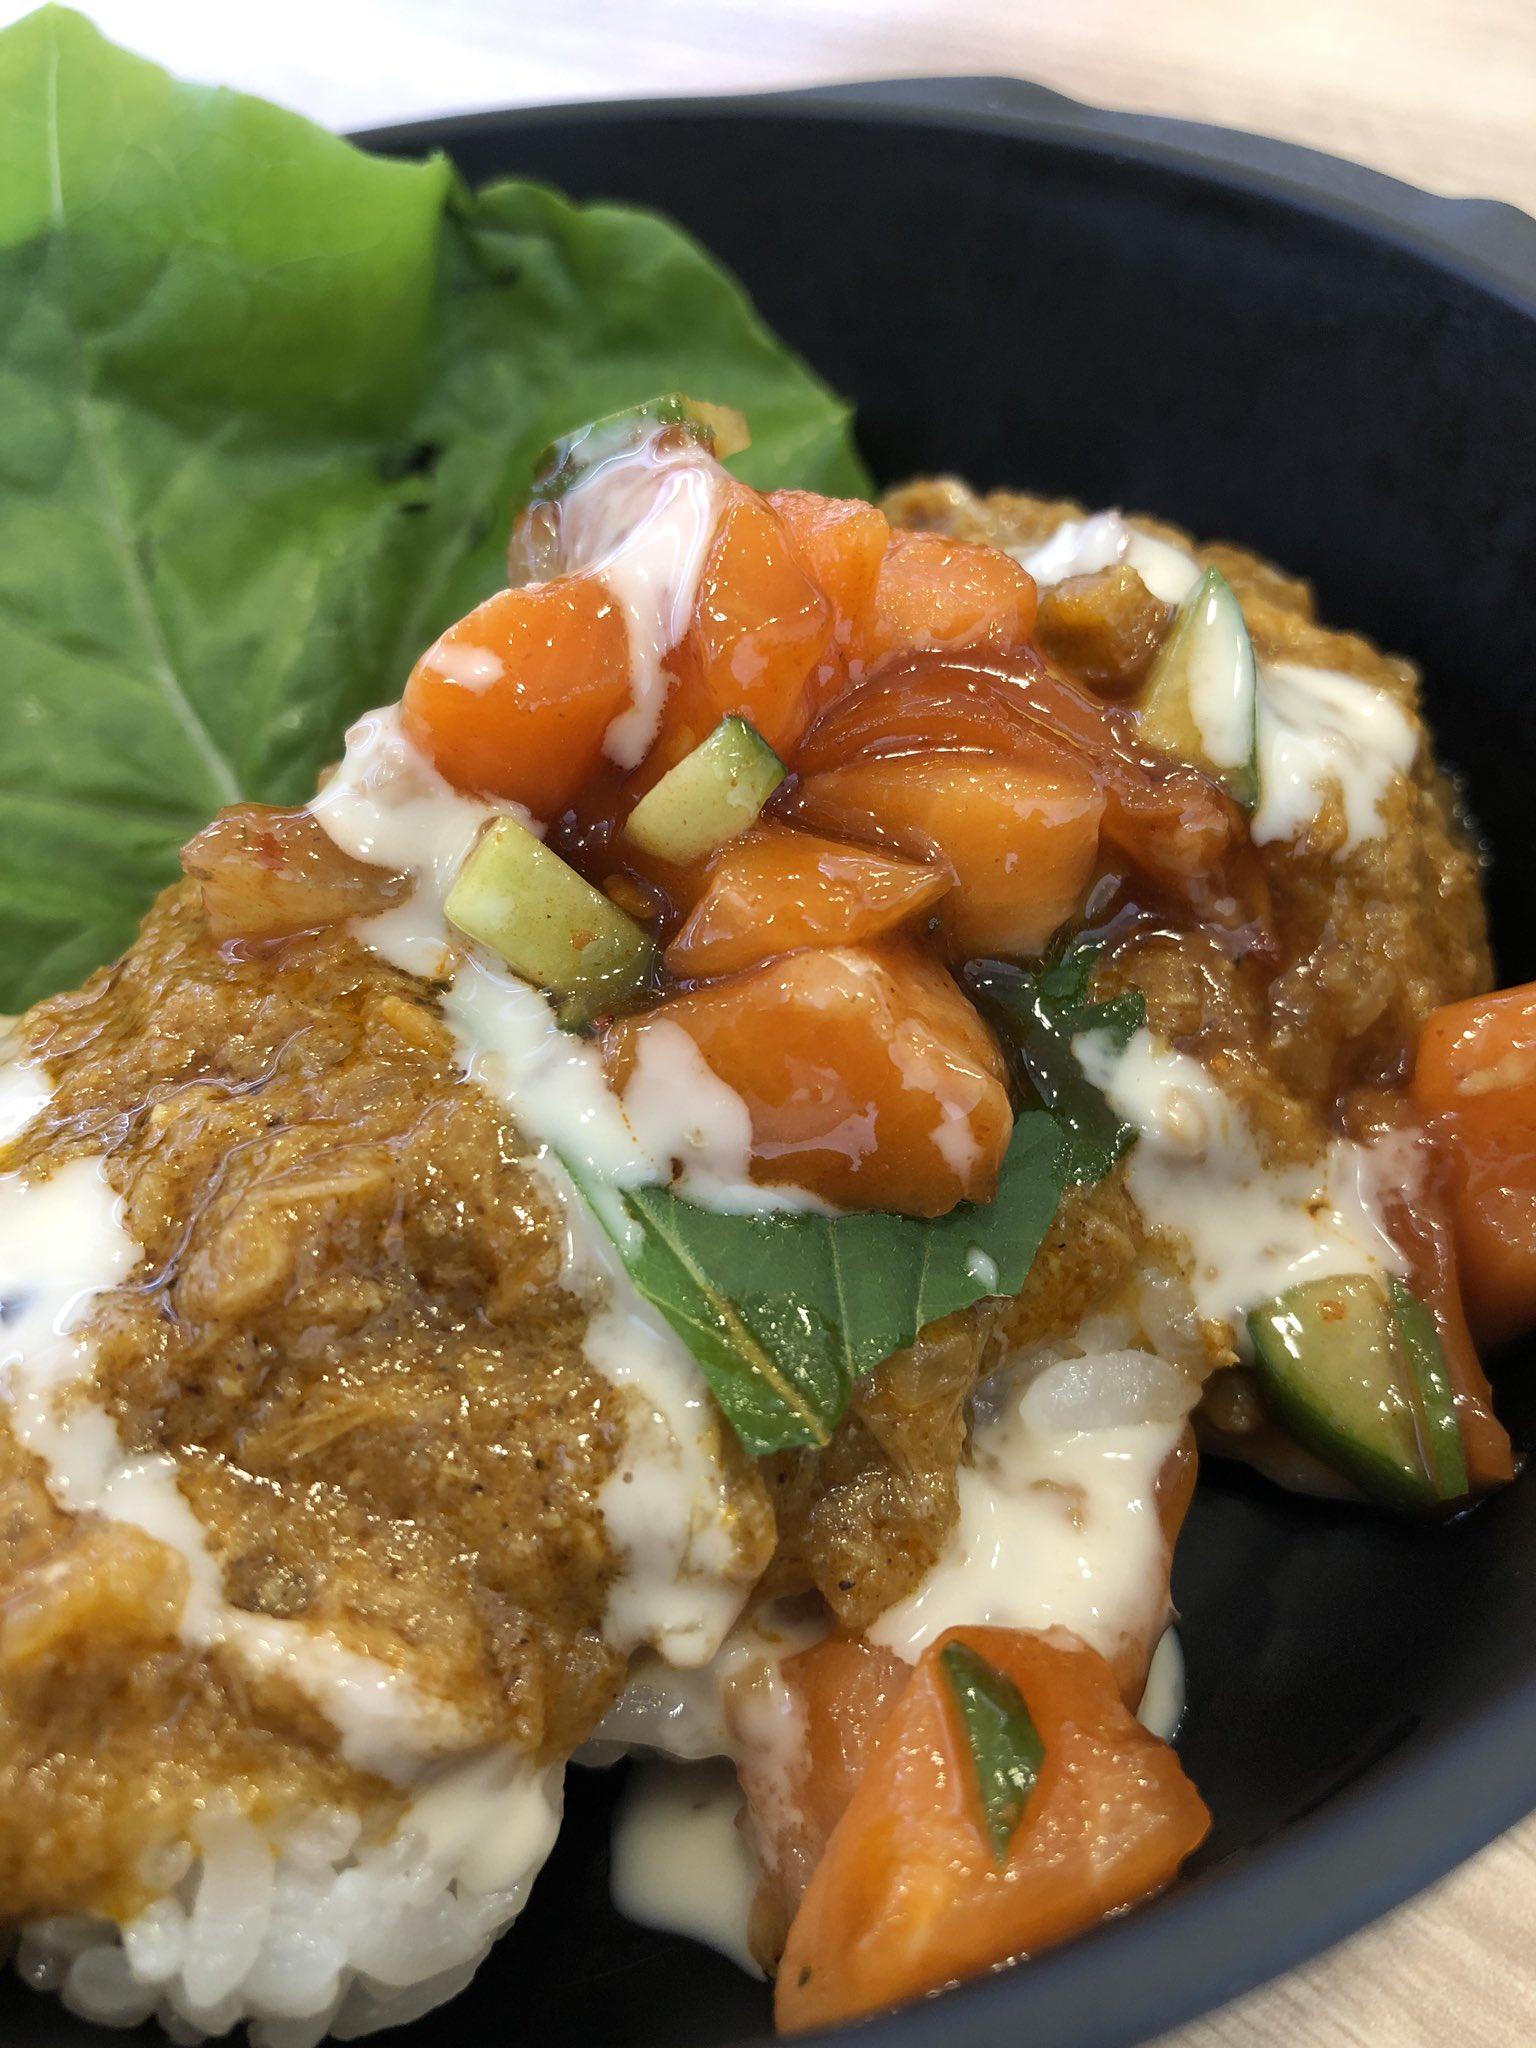 かっぱ寿司で海鮮シャリーマ・カレー。ツナのキーマカレーらしい。なかなか美味しい。 https://t.co/278oJCqXtP